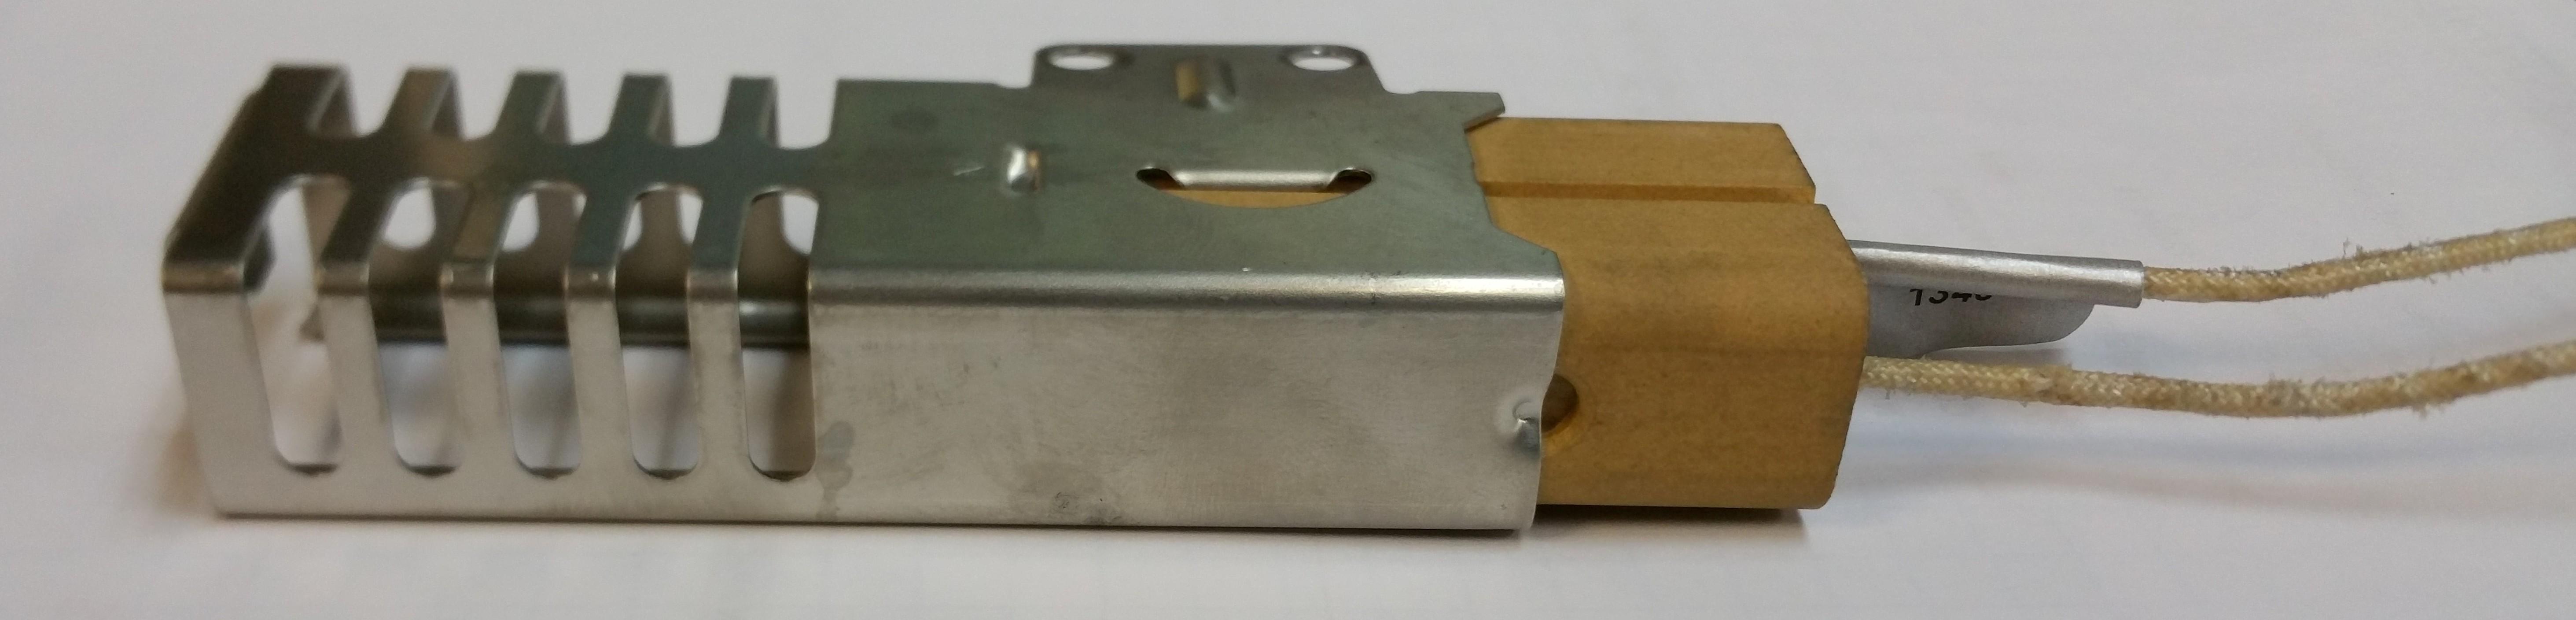 Capital 82401-01 Hot Surface Igniter Gridd --Bake